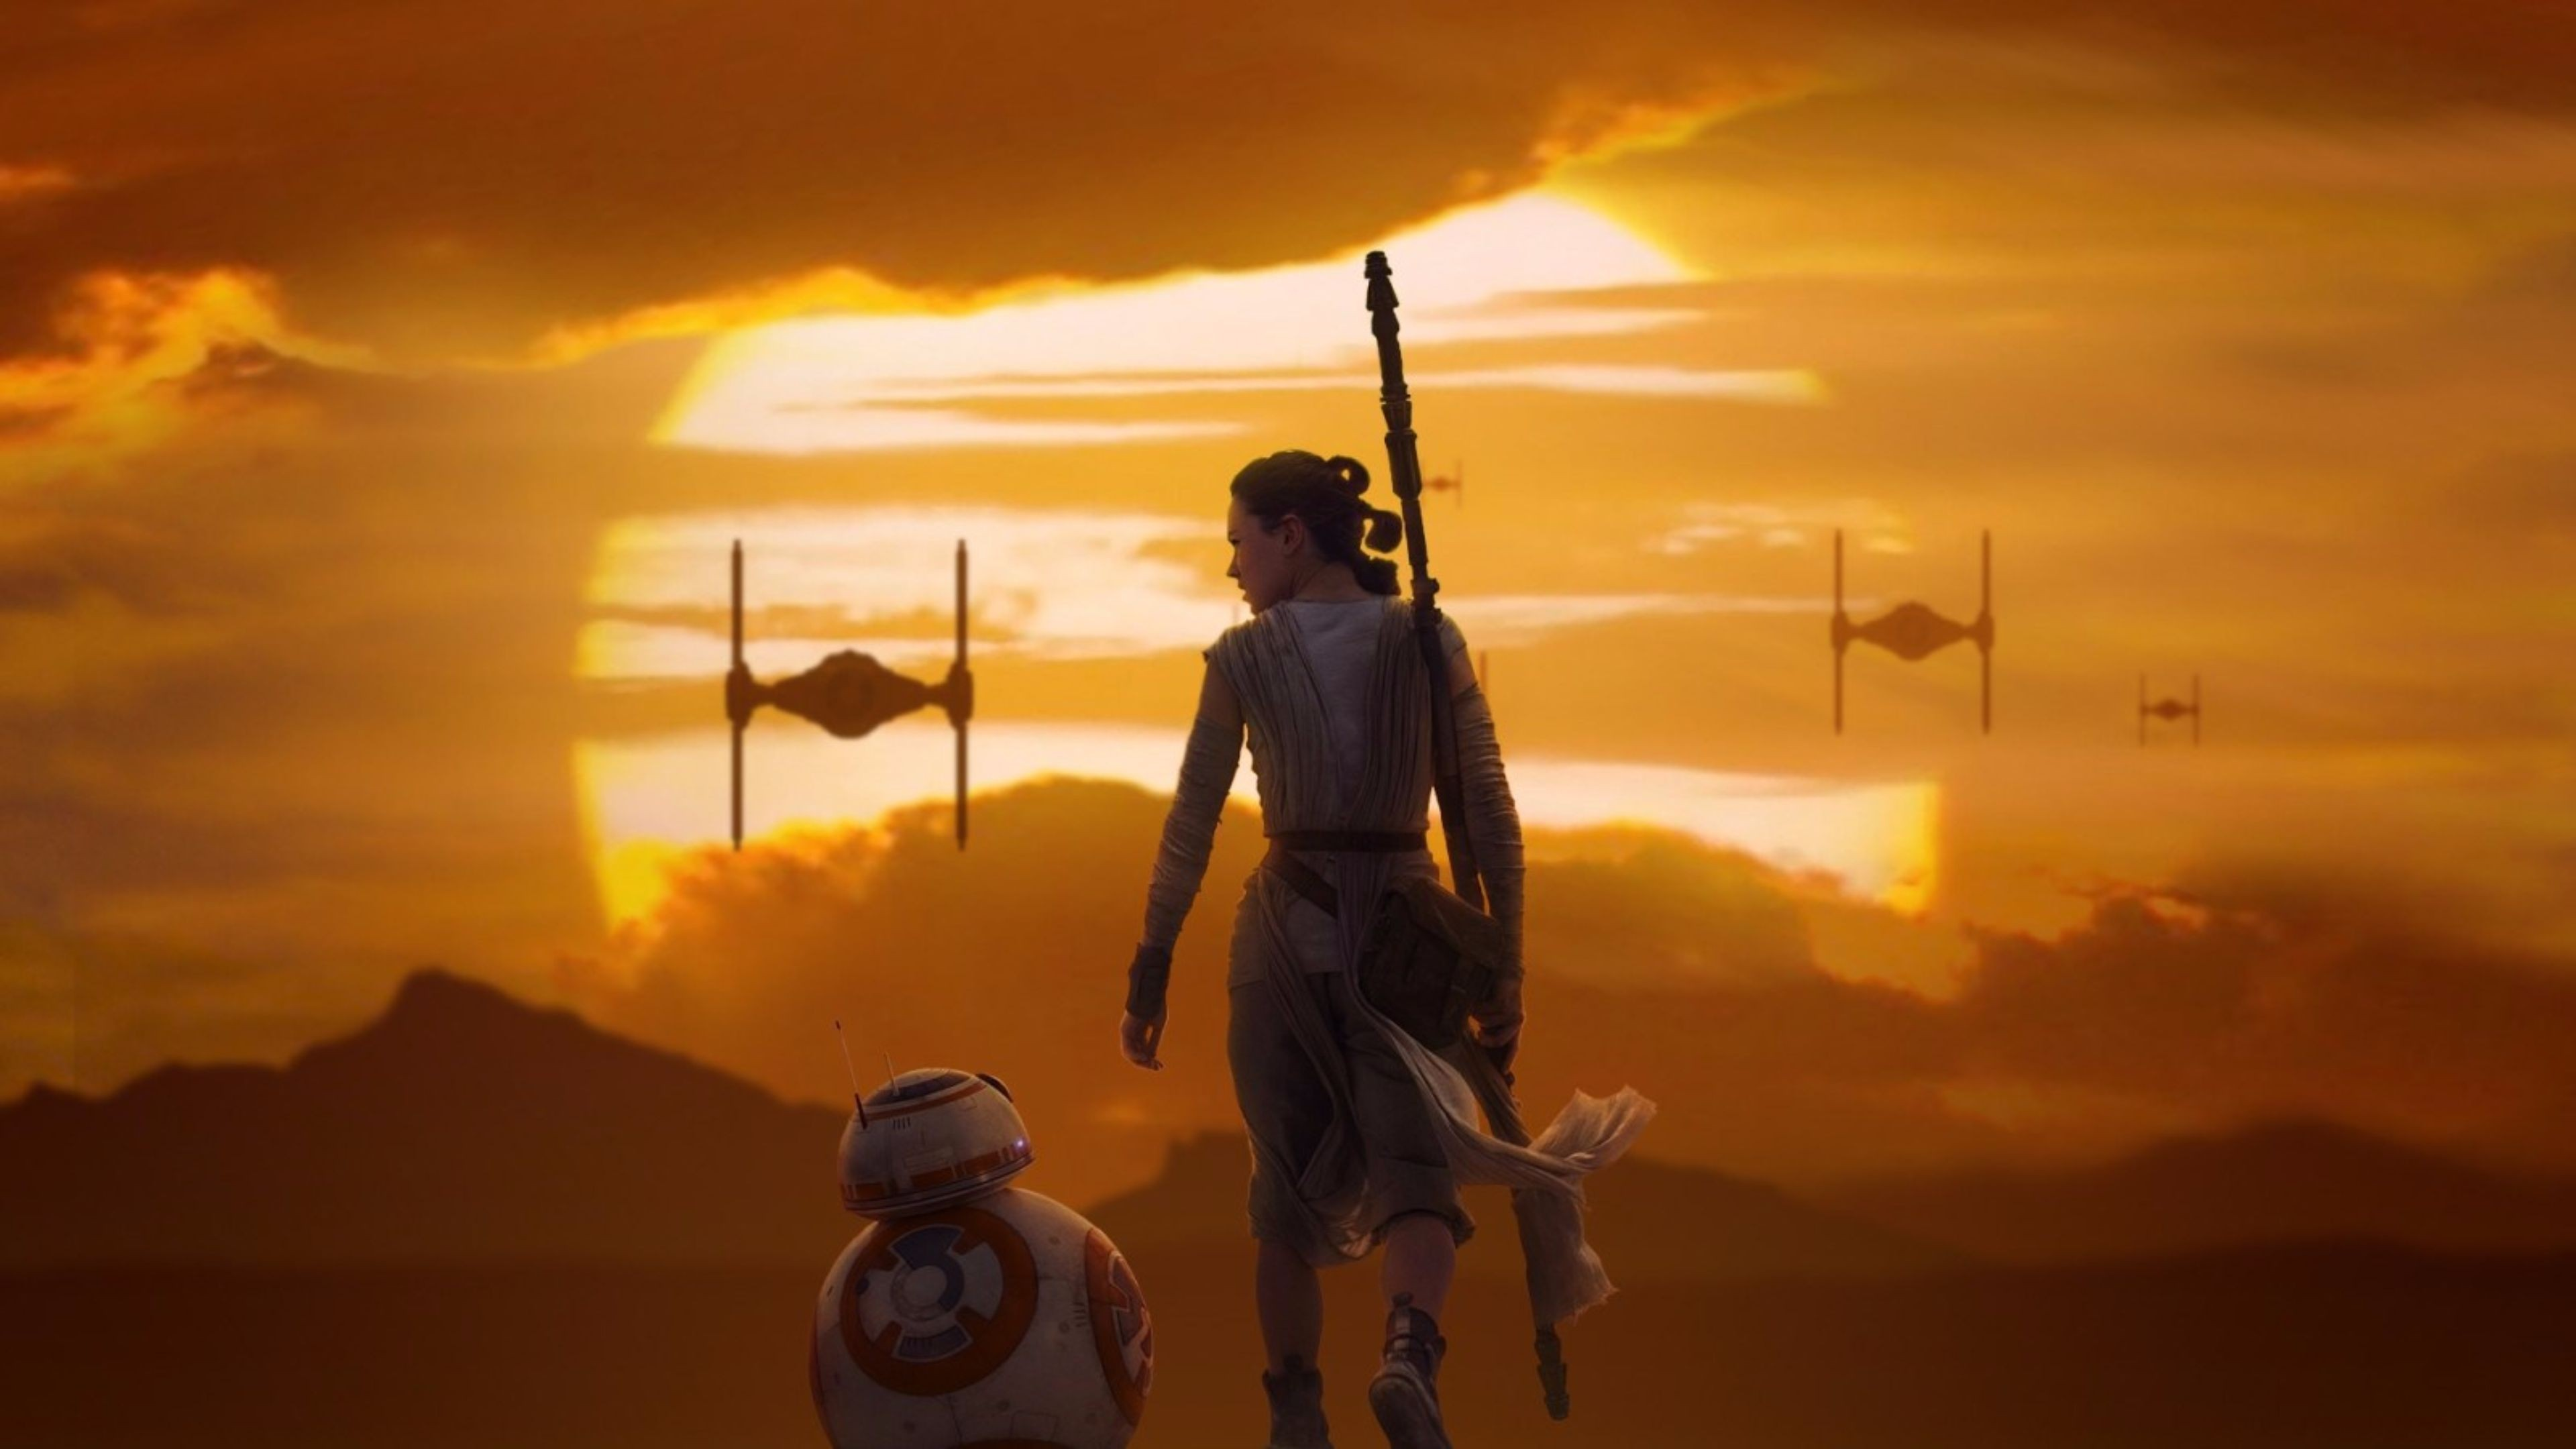 Stormtrooper Star Wars Hd Wallpapers Desktop Backgrounds Star Wars Wallpaper Rey 3840x2160 Wallpaper Teahub Io